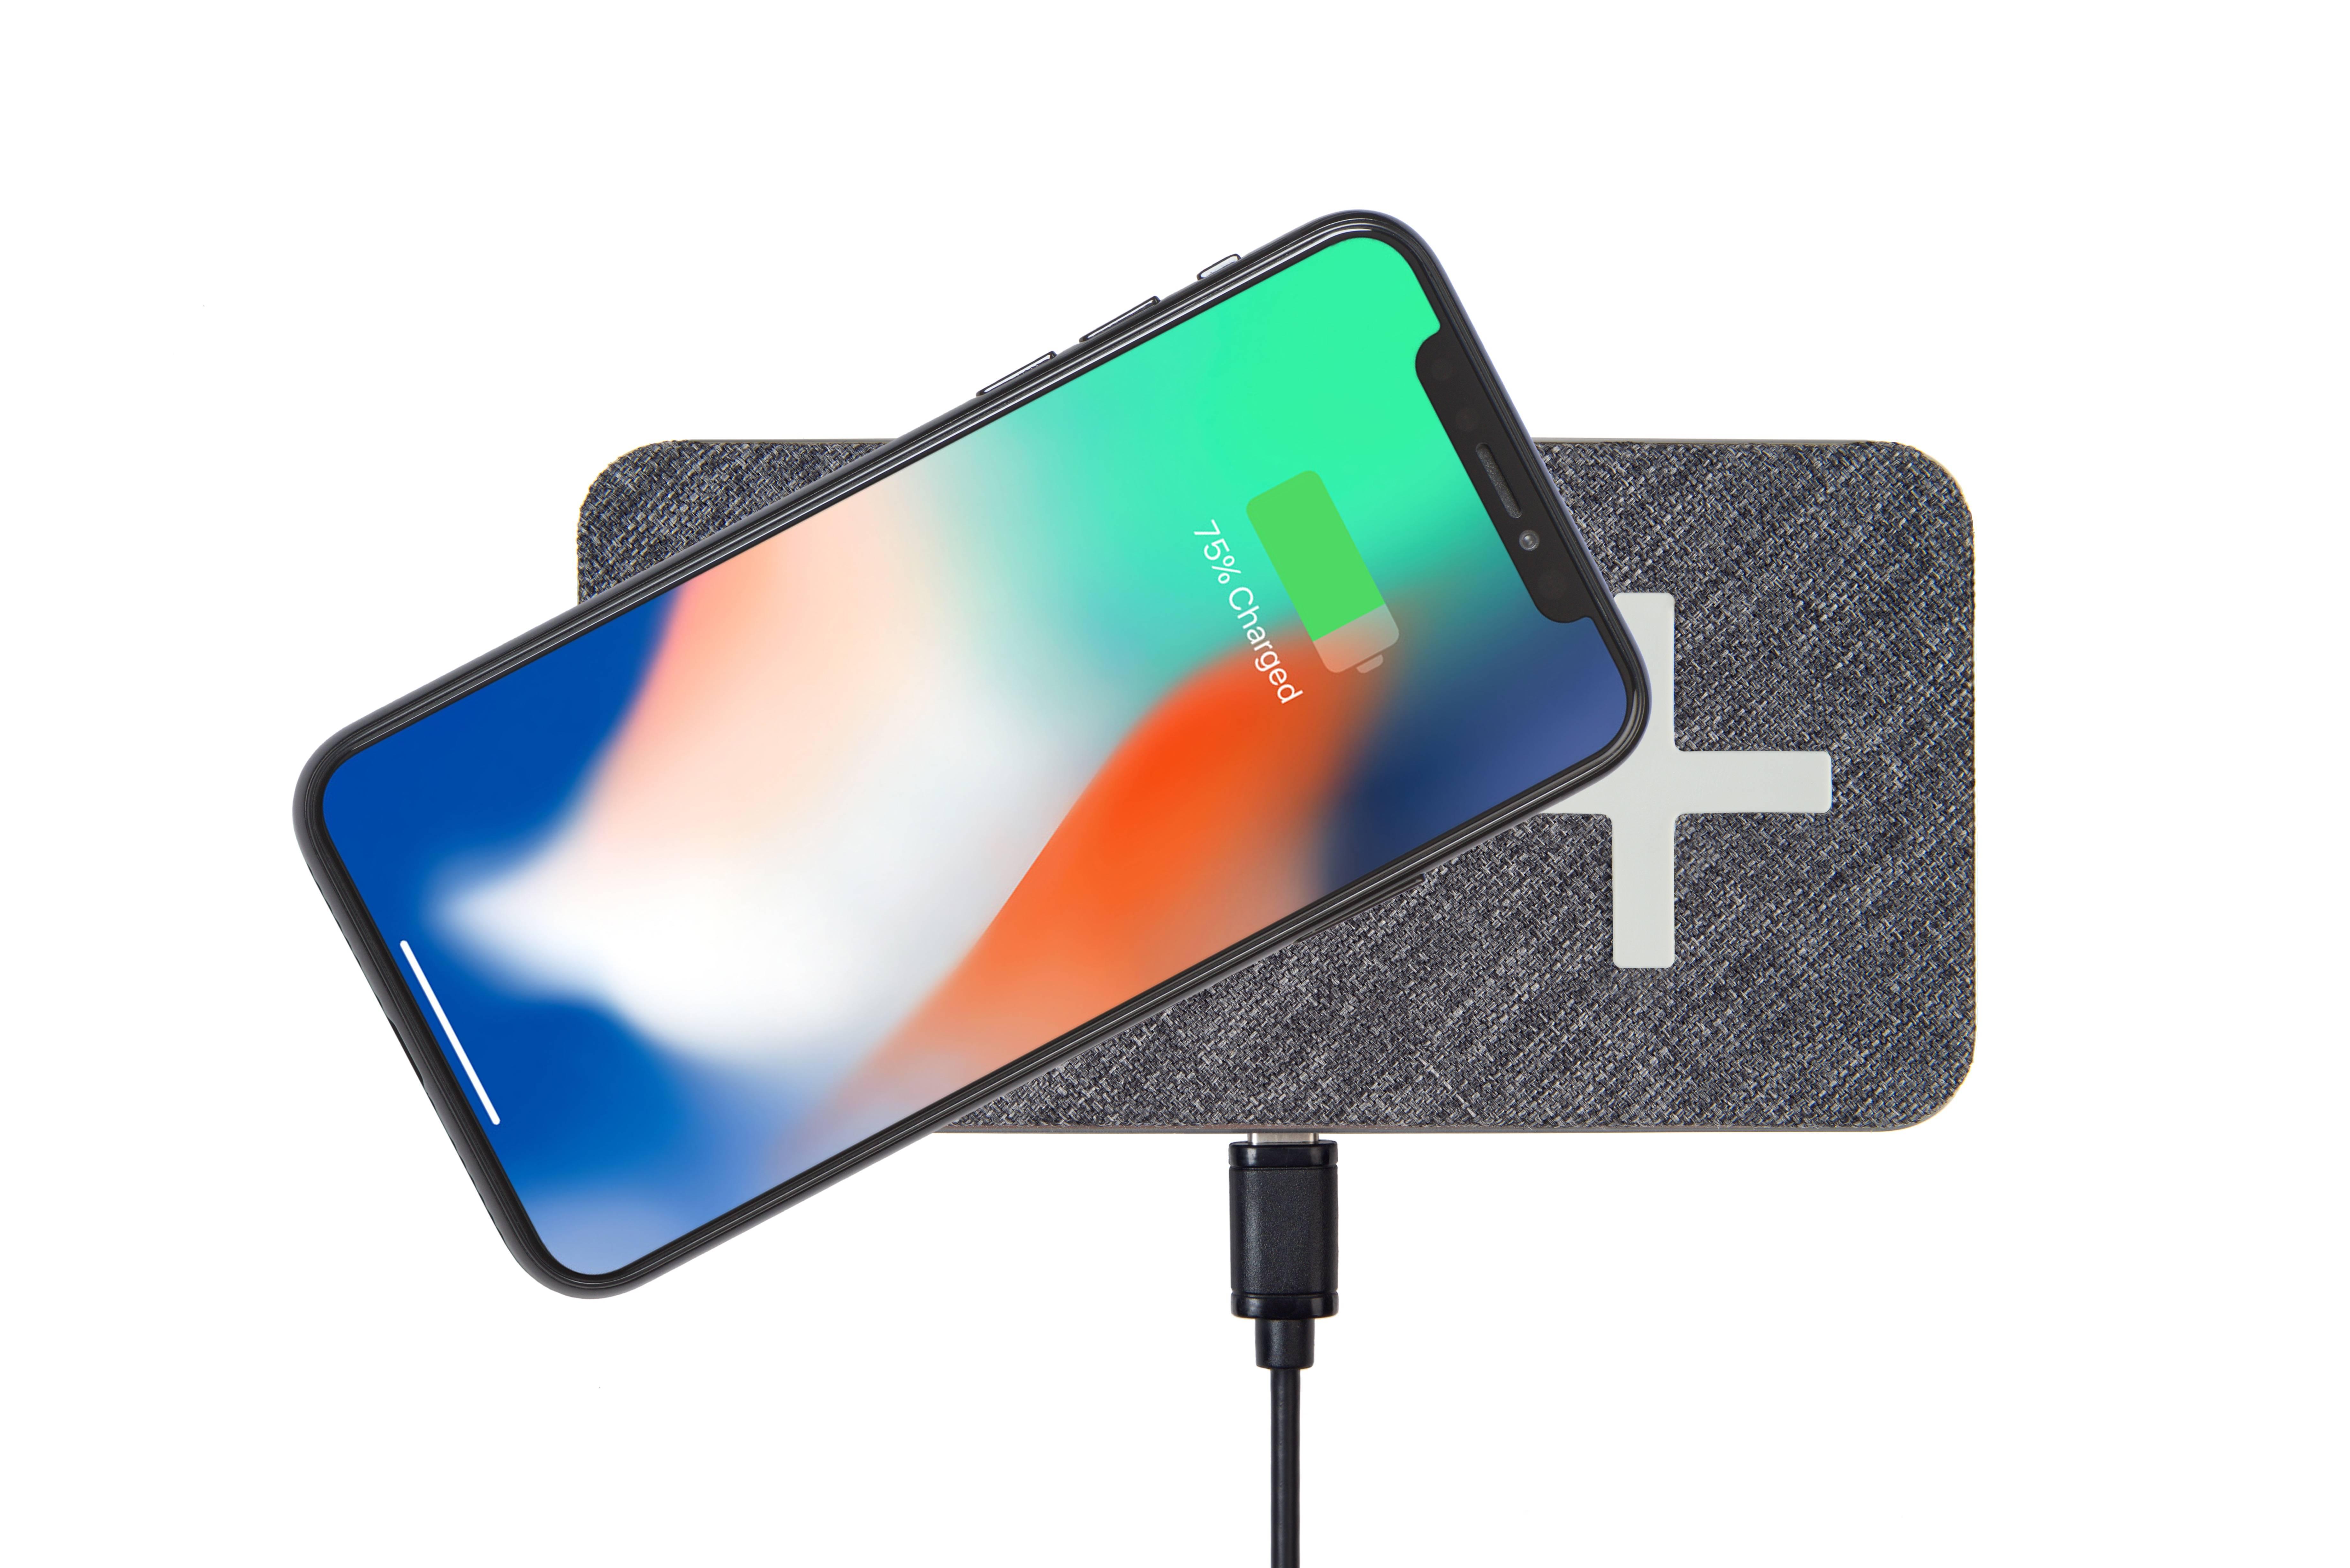 Bezdrátová rychlá nabíječka pro iPhone - Xtorm, Wireless Dual